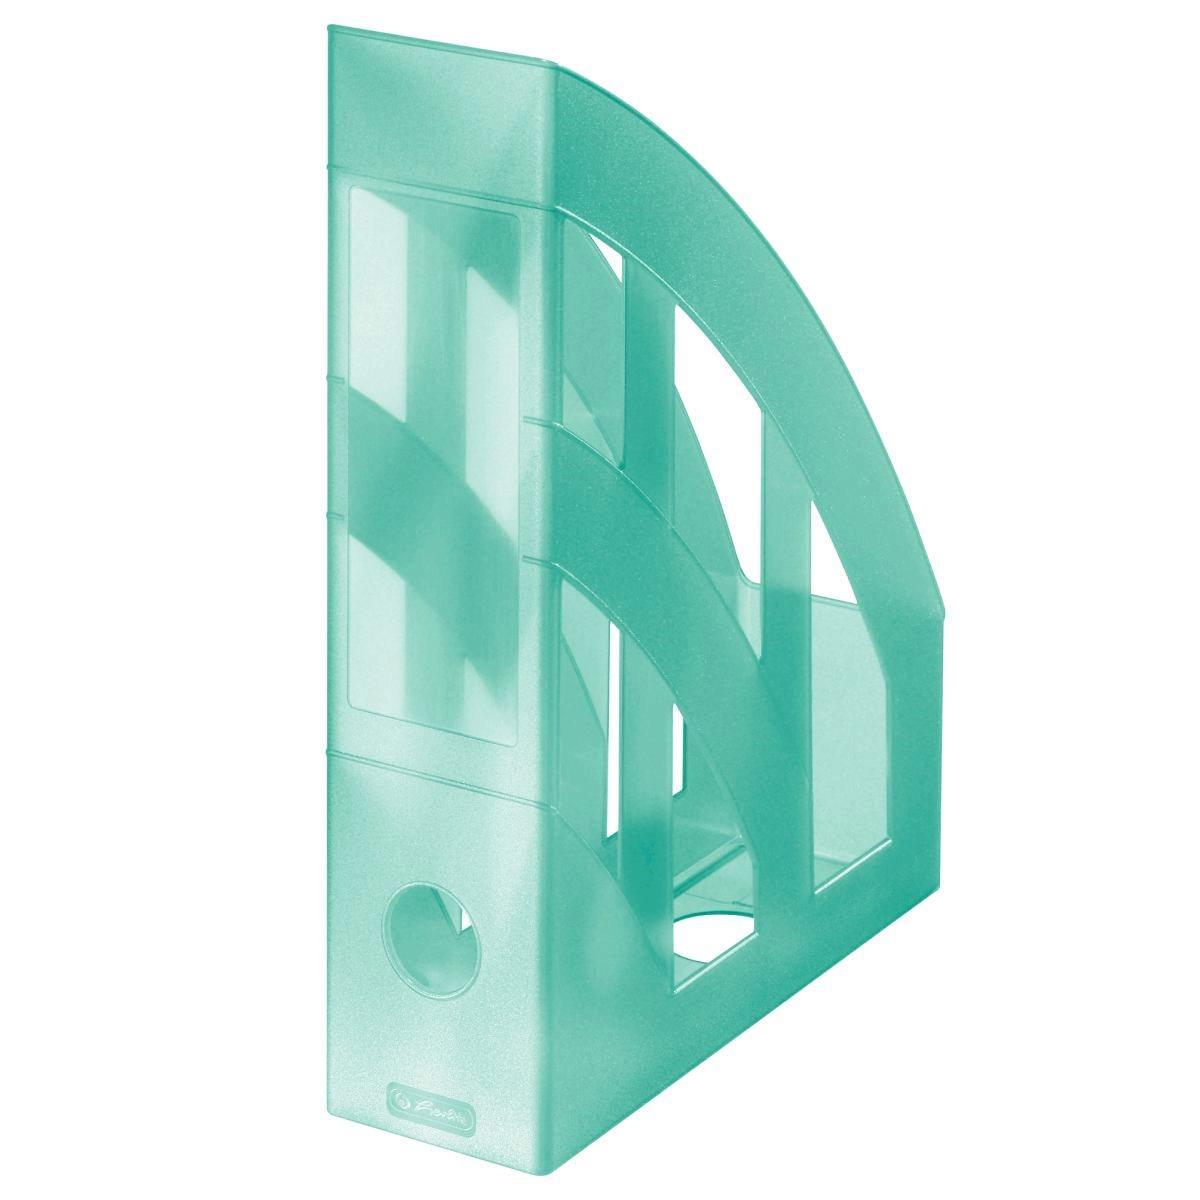 Лоток для бумаг вертикальный Herlitz 7.5см Pastel Mint прозрачный мятный